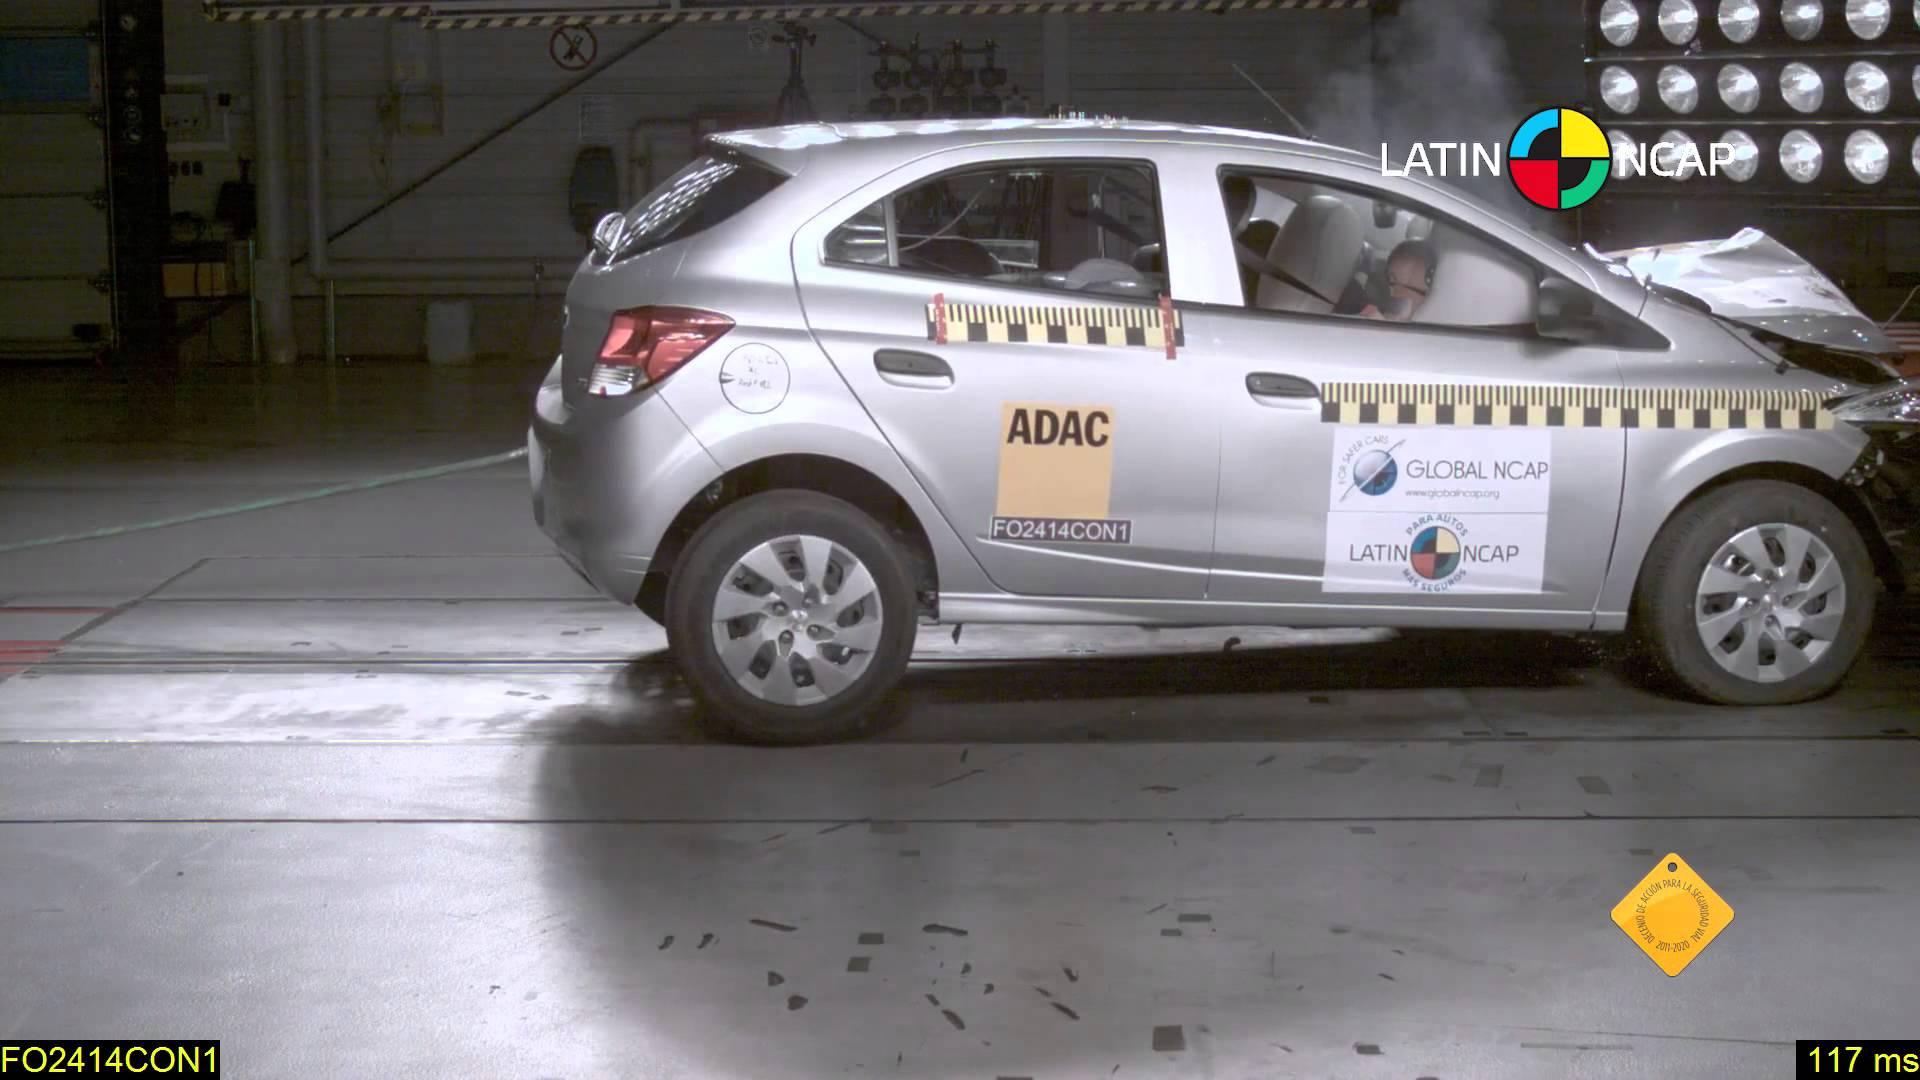 Fotos: Divulgação: Após a nota zero no teste de segurança, Latin NCap recomenda que GM equipe o Onix com air bags laterais